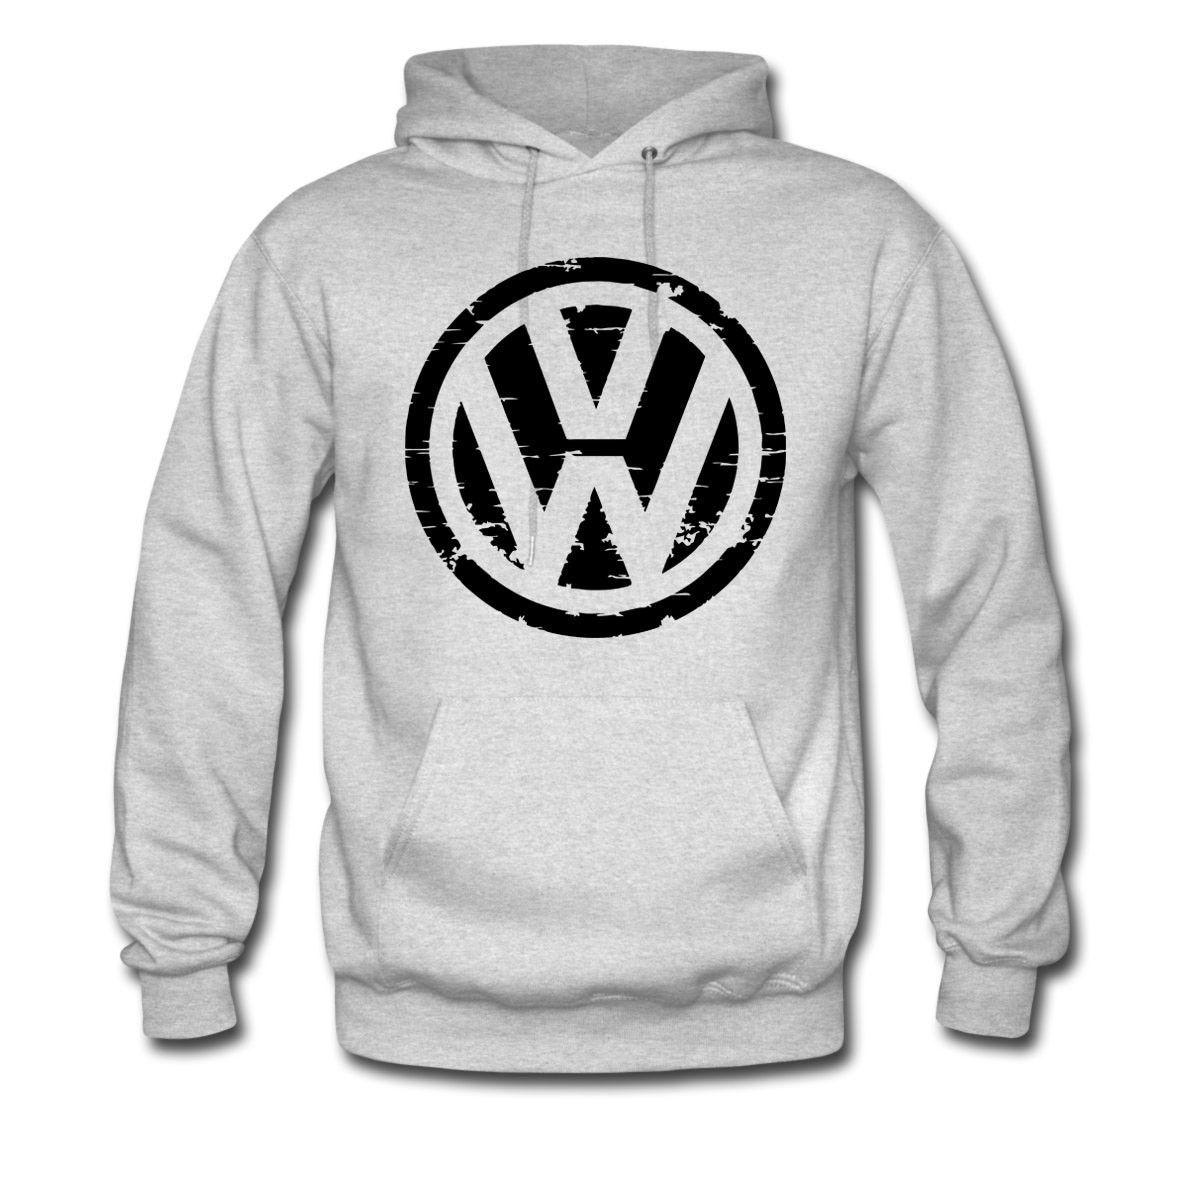 f75bee4de3 Volkswagen vw hoodie sweatshirt